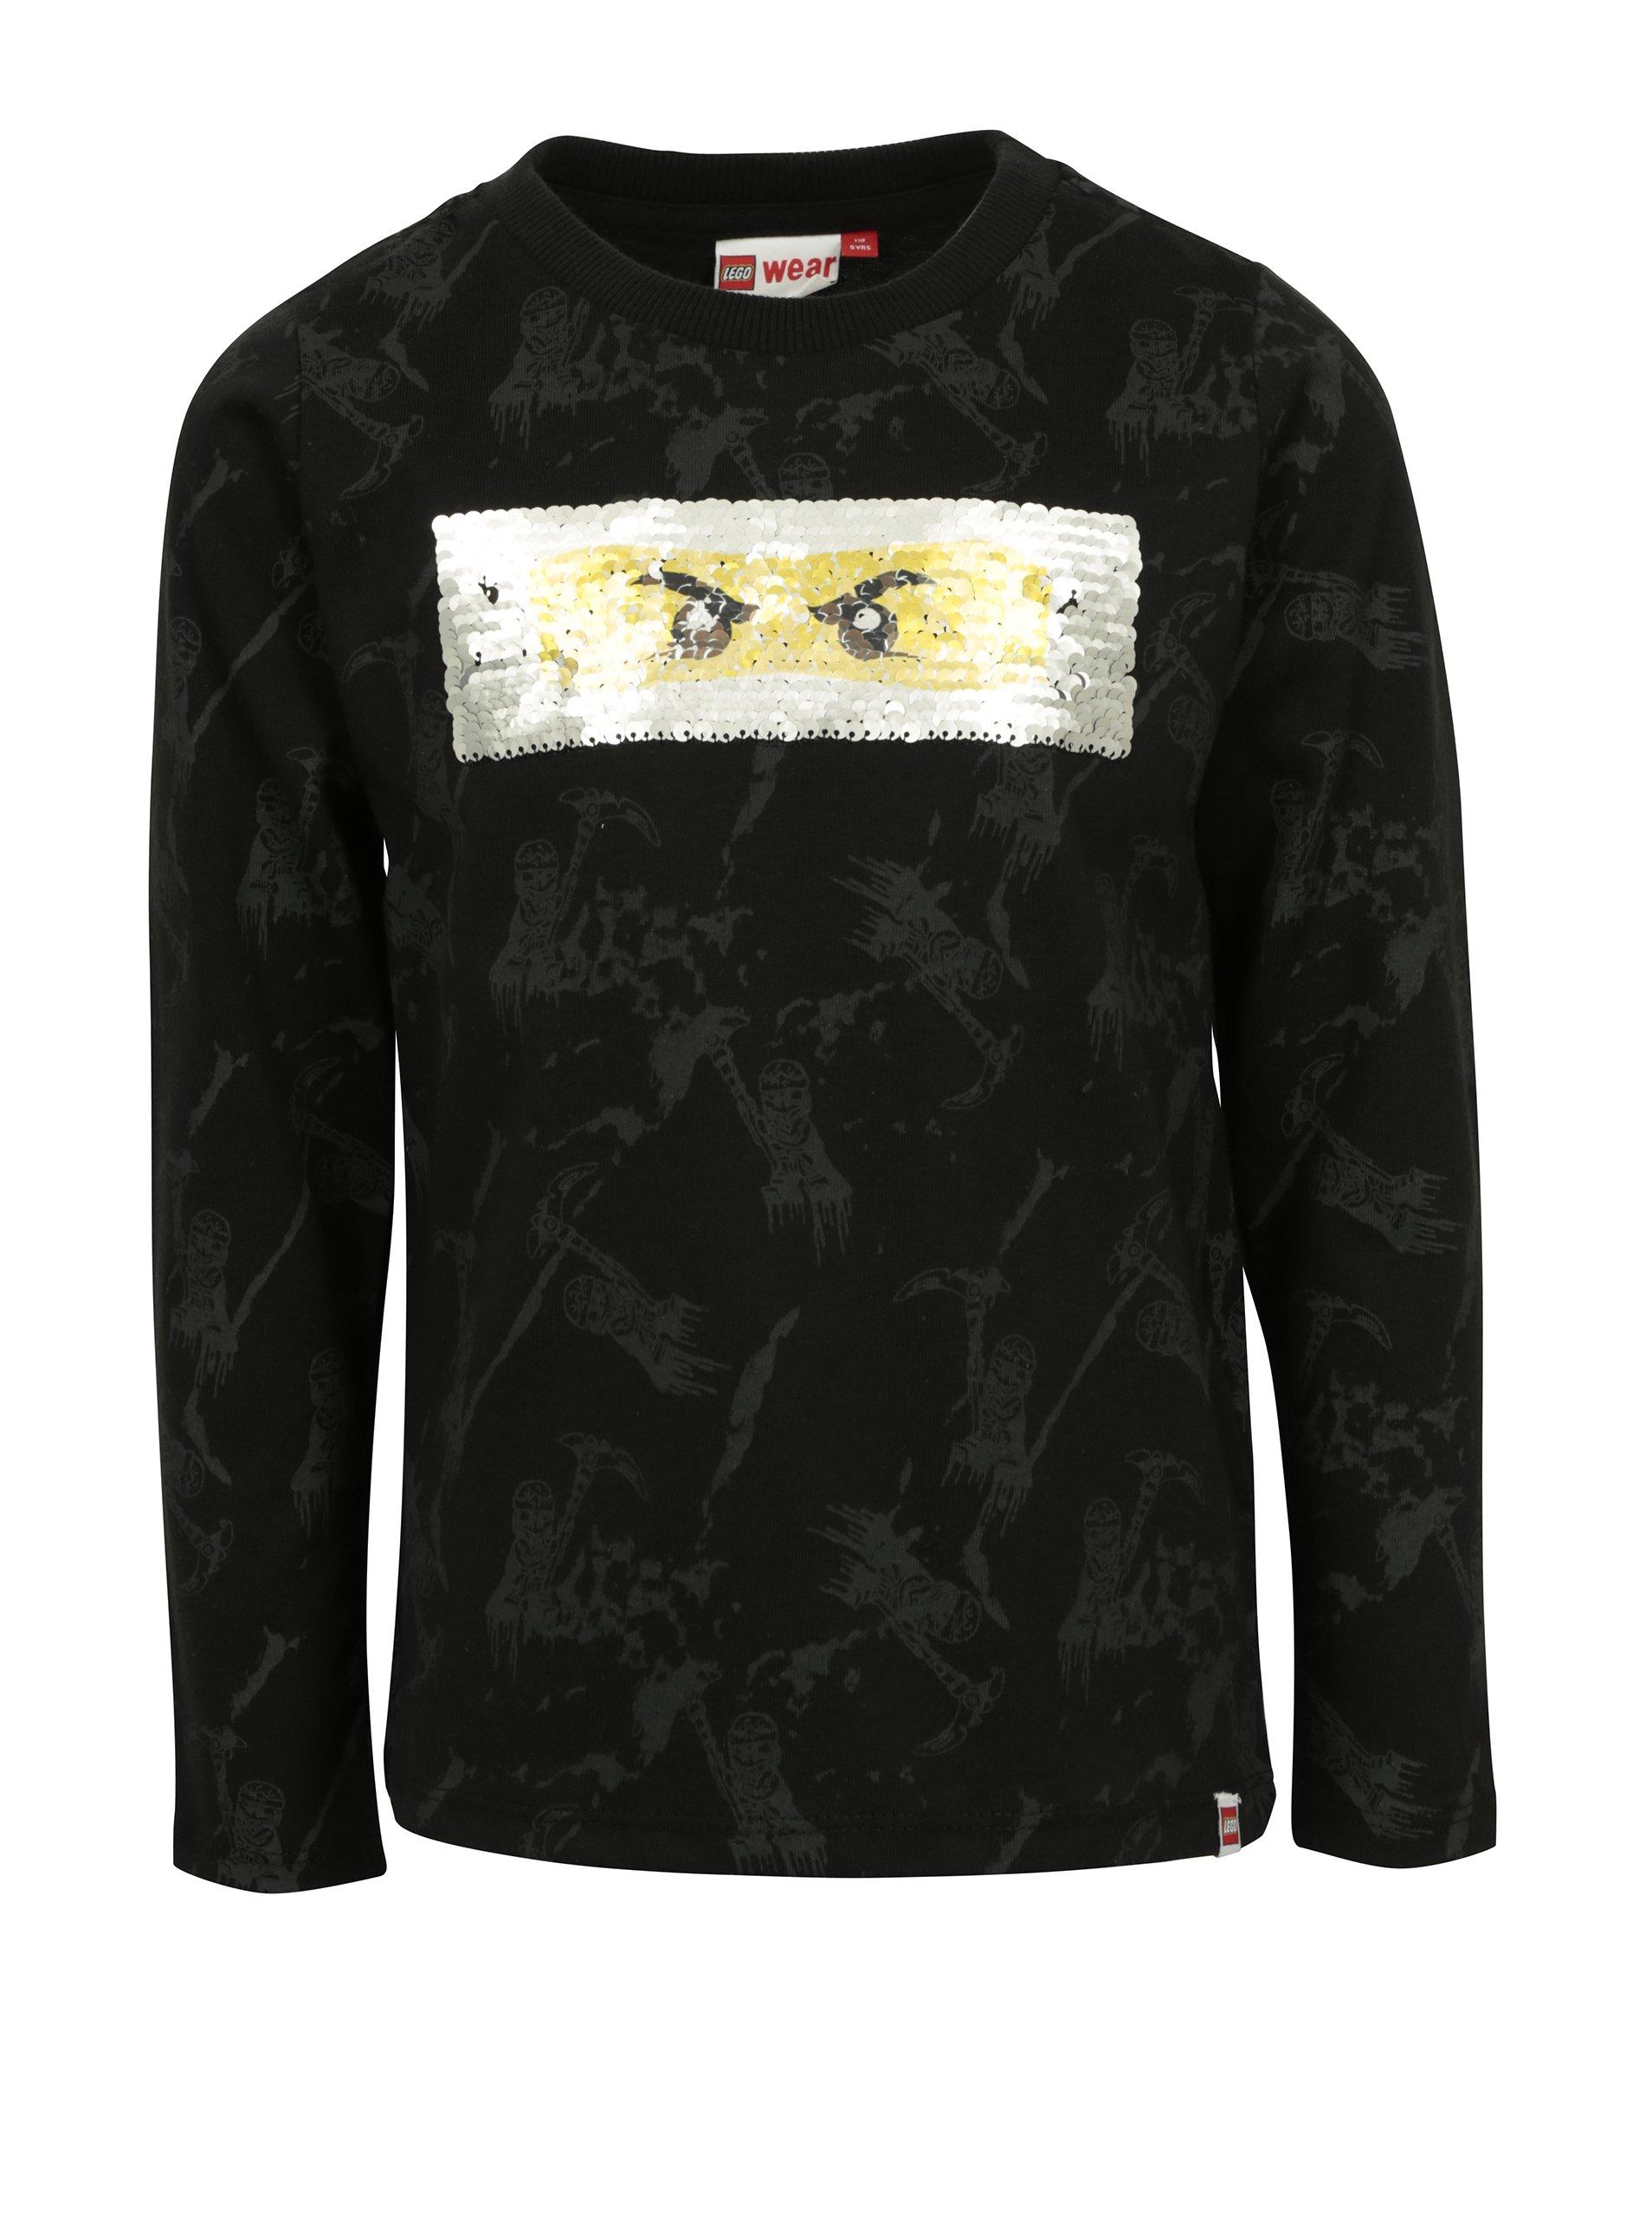 acf28734531e Čierne chlapčenské tričko s flitrami Ninjago potlačou Lego Wear Teo ...